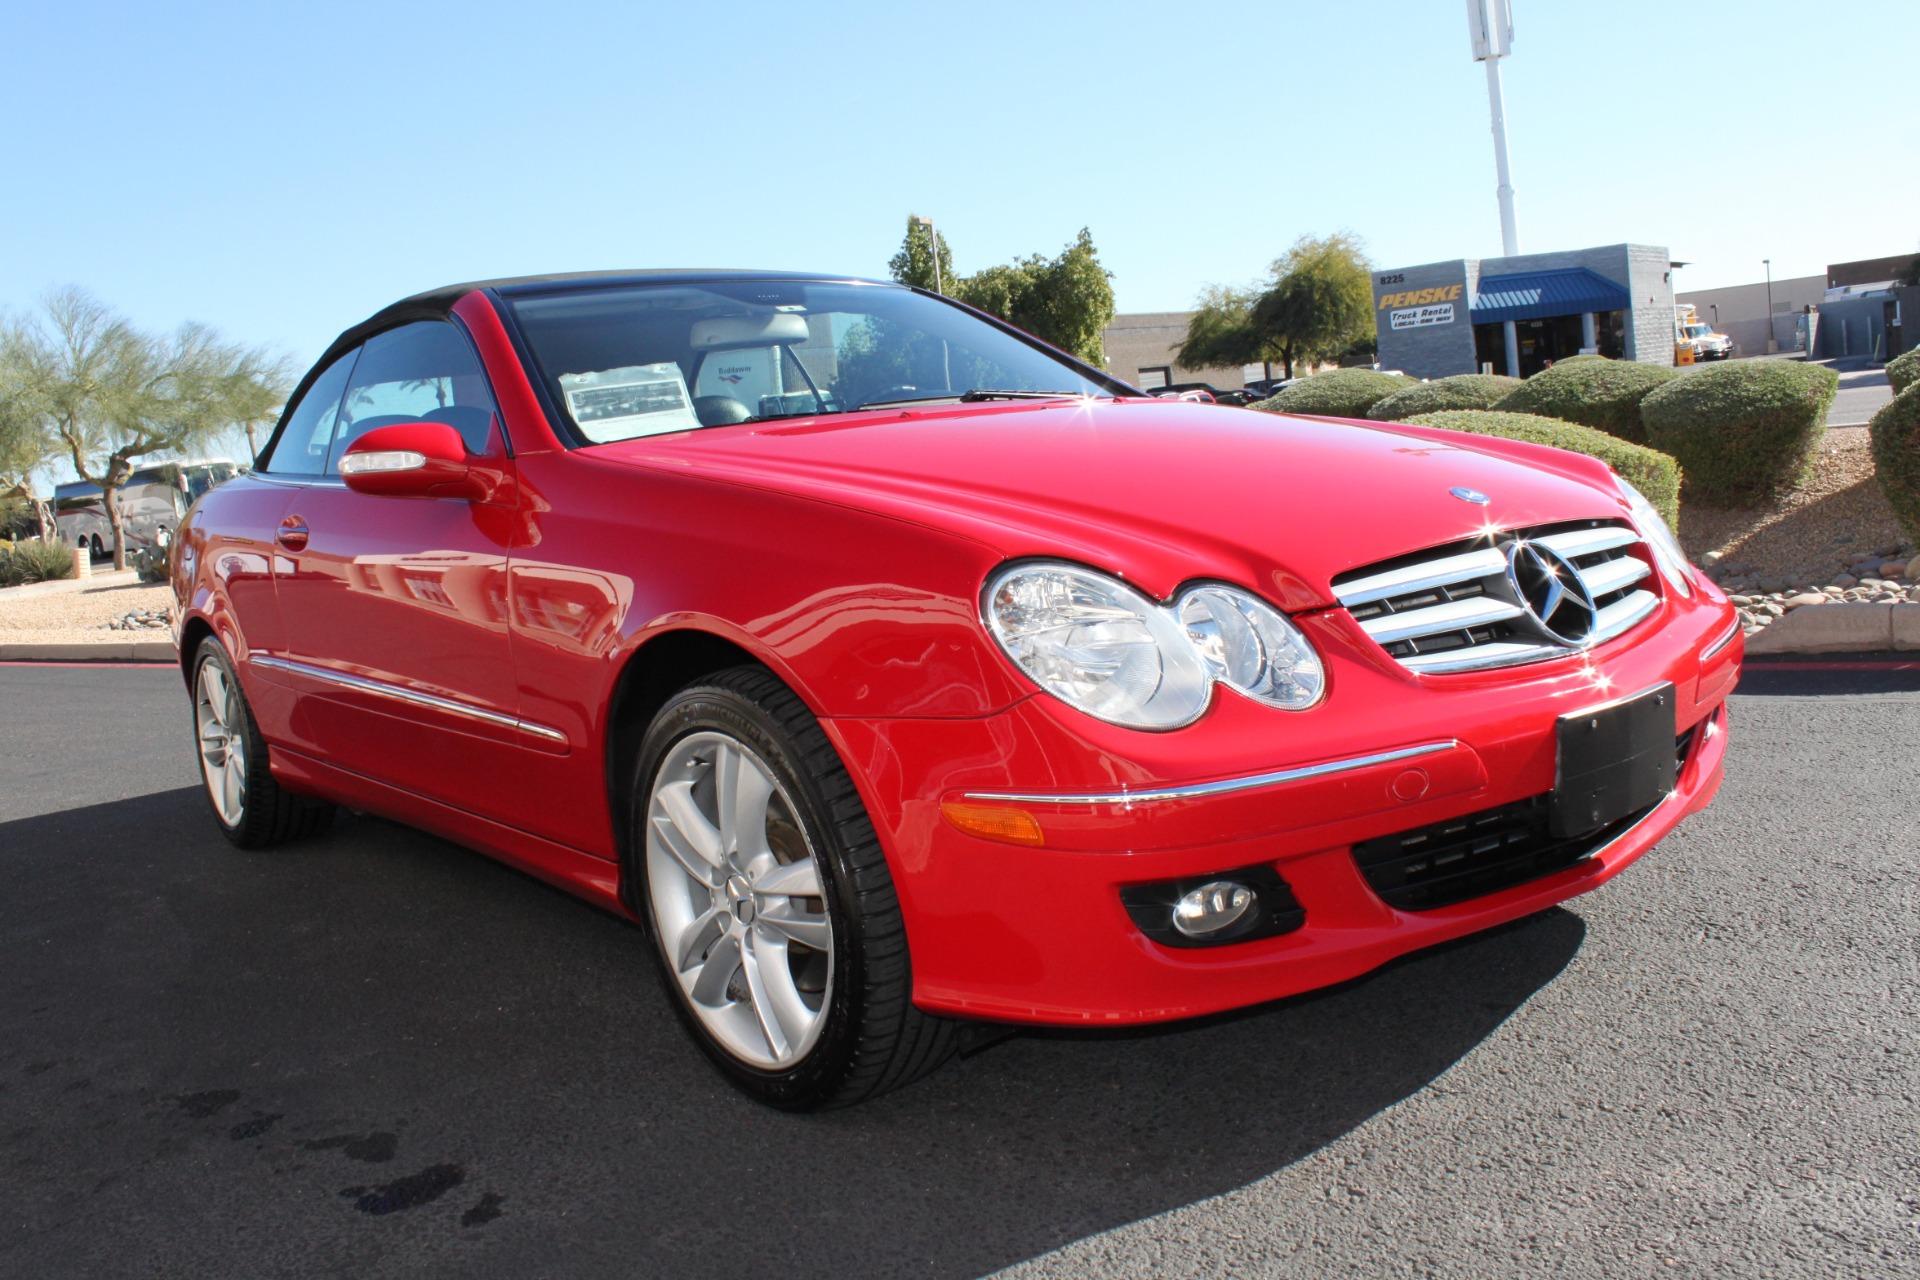 Used-2006-Mercedes-Benz-CLK-Class-CLK350-Cabriolet-35L-LS430